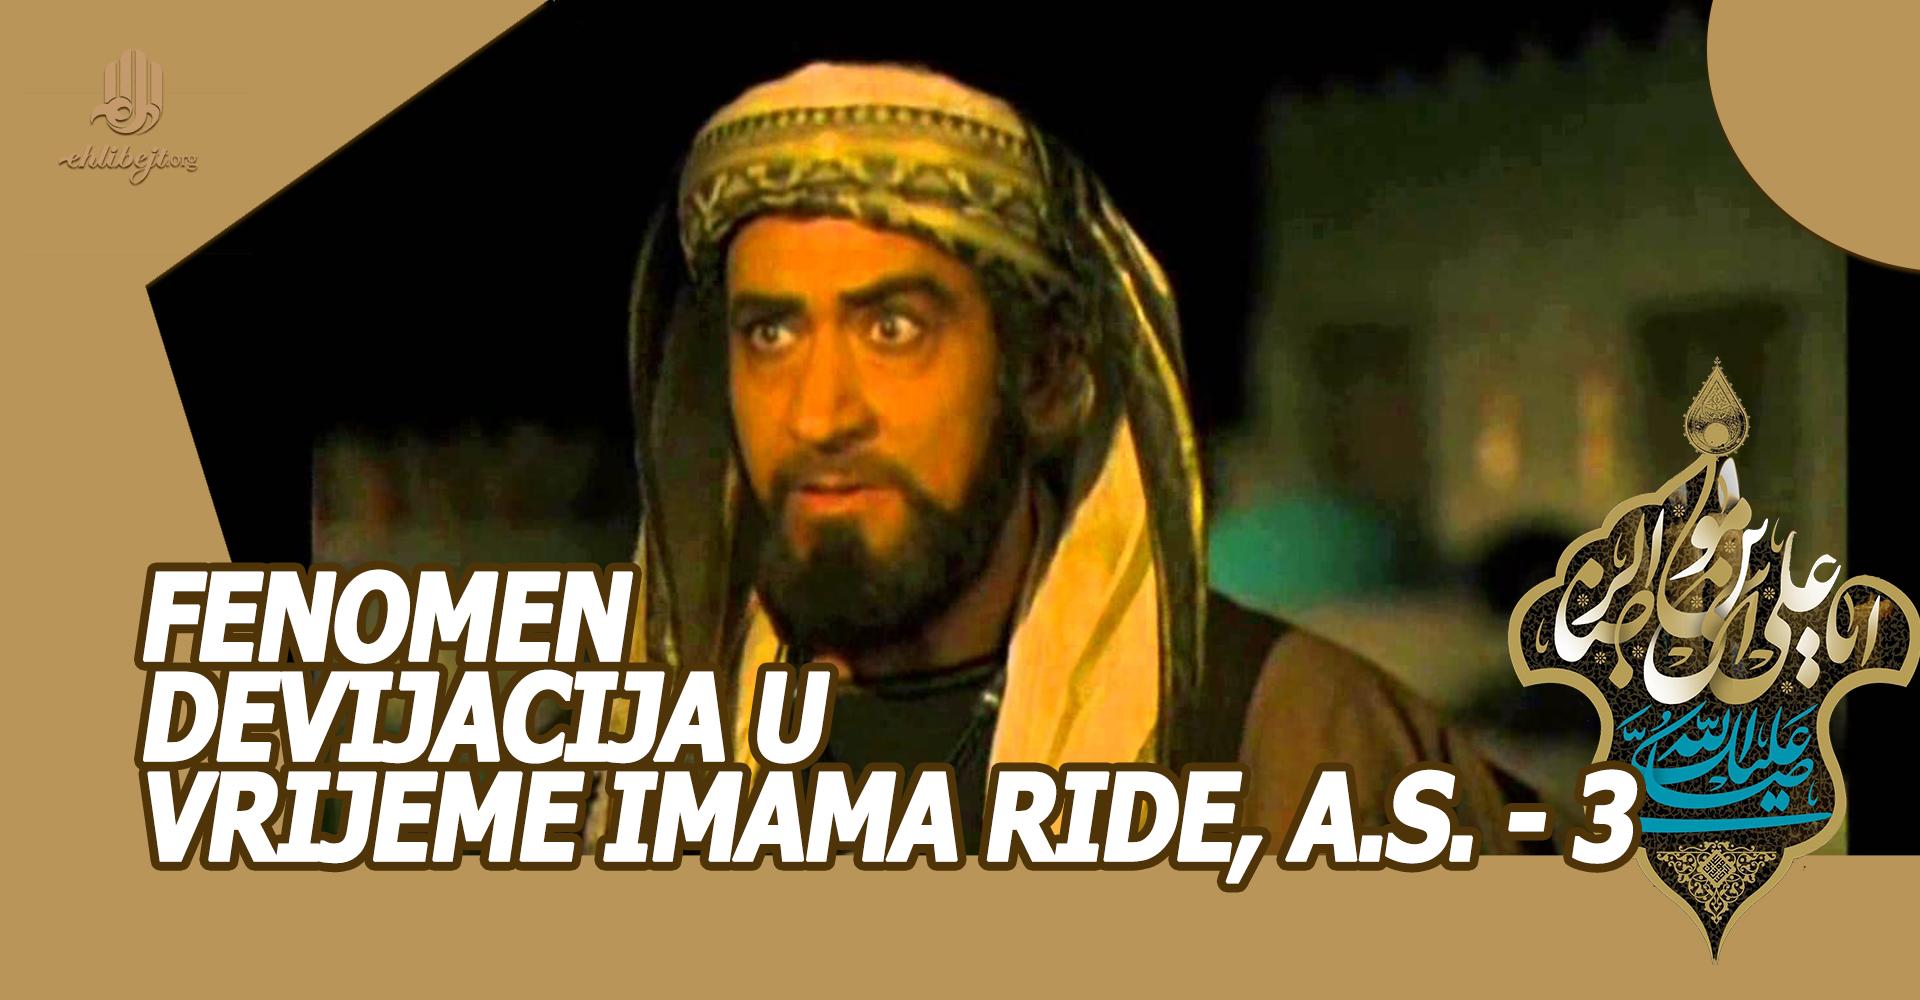 Fenomen devijacija u vrijeme Imama Ride, a.s. - 3